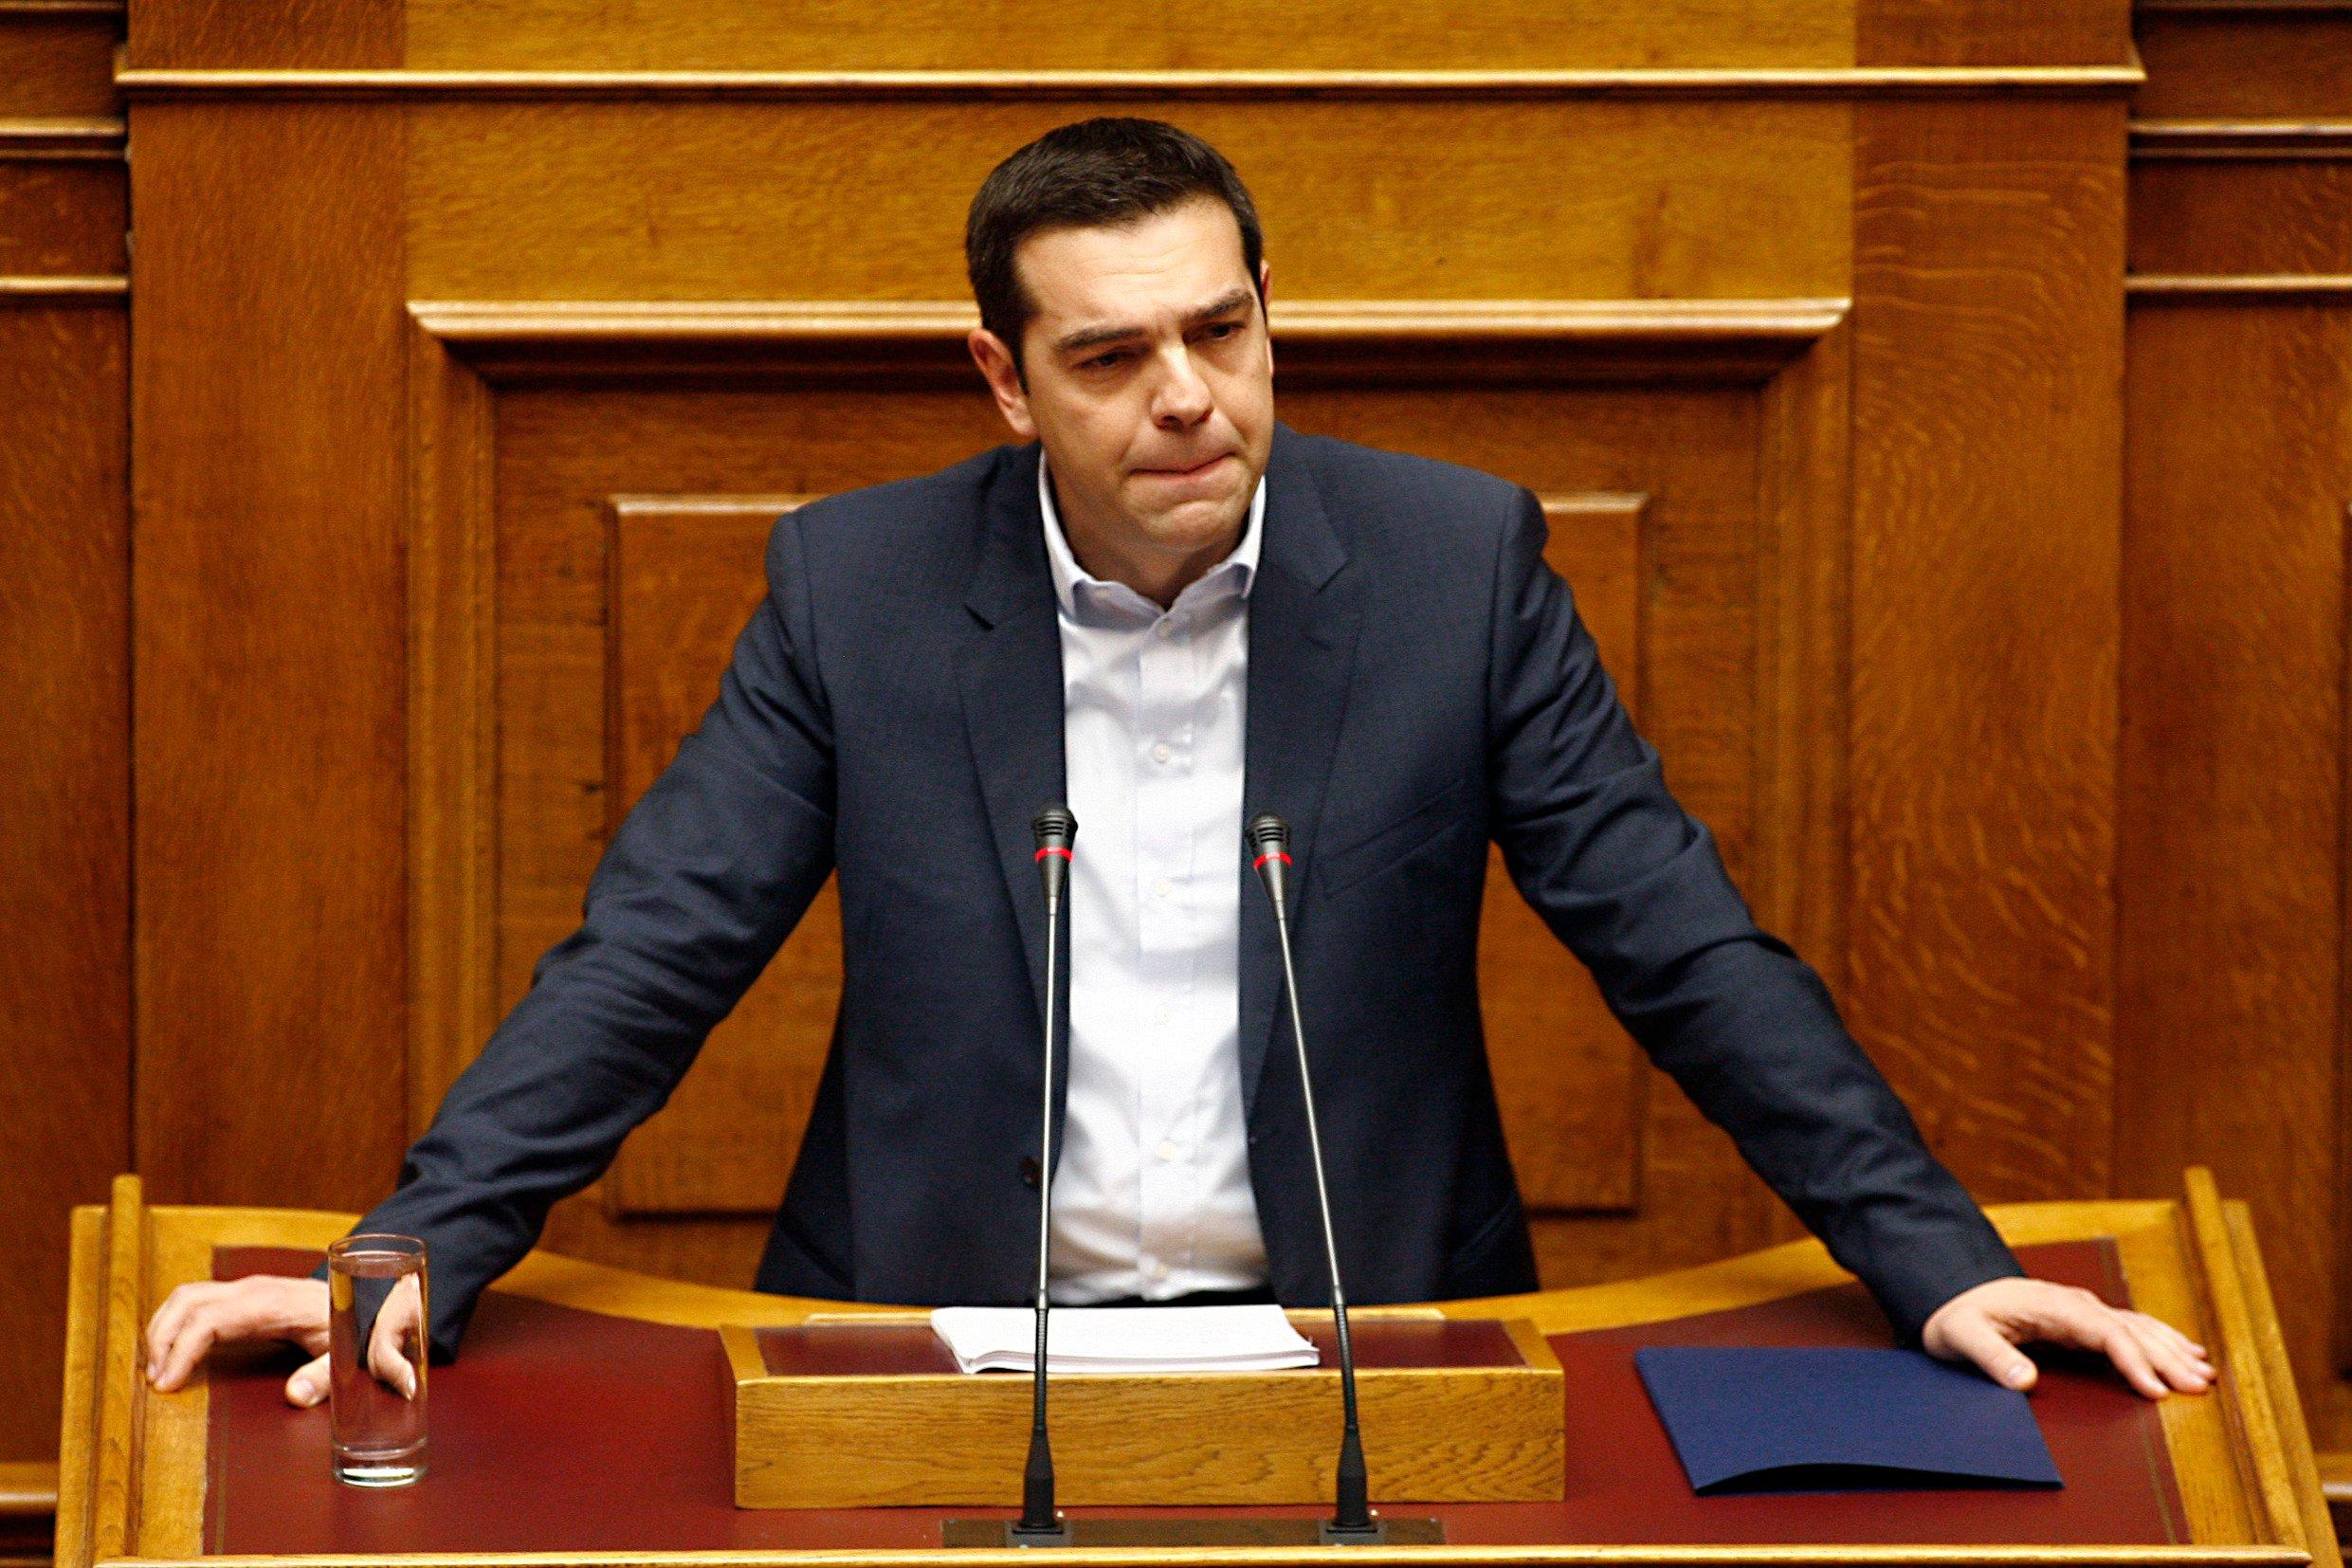 Ηχηρό «χαστούκι» σε Τσίπρα – Δεν «πέρασε» το άρθρο 3 – Το κράτος δεν γίνεται «ουδετερόθρησκο» – Ήττα για τον ΣΥΡΙΖΑ